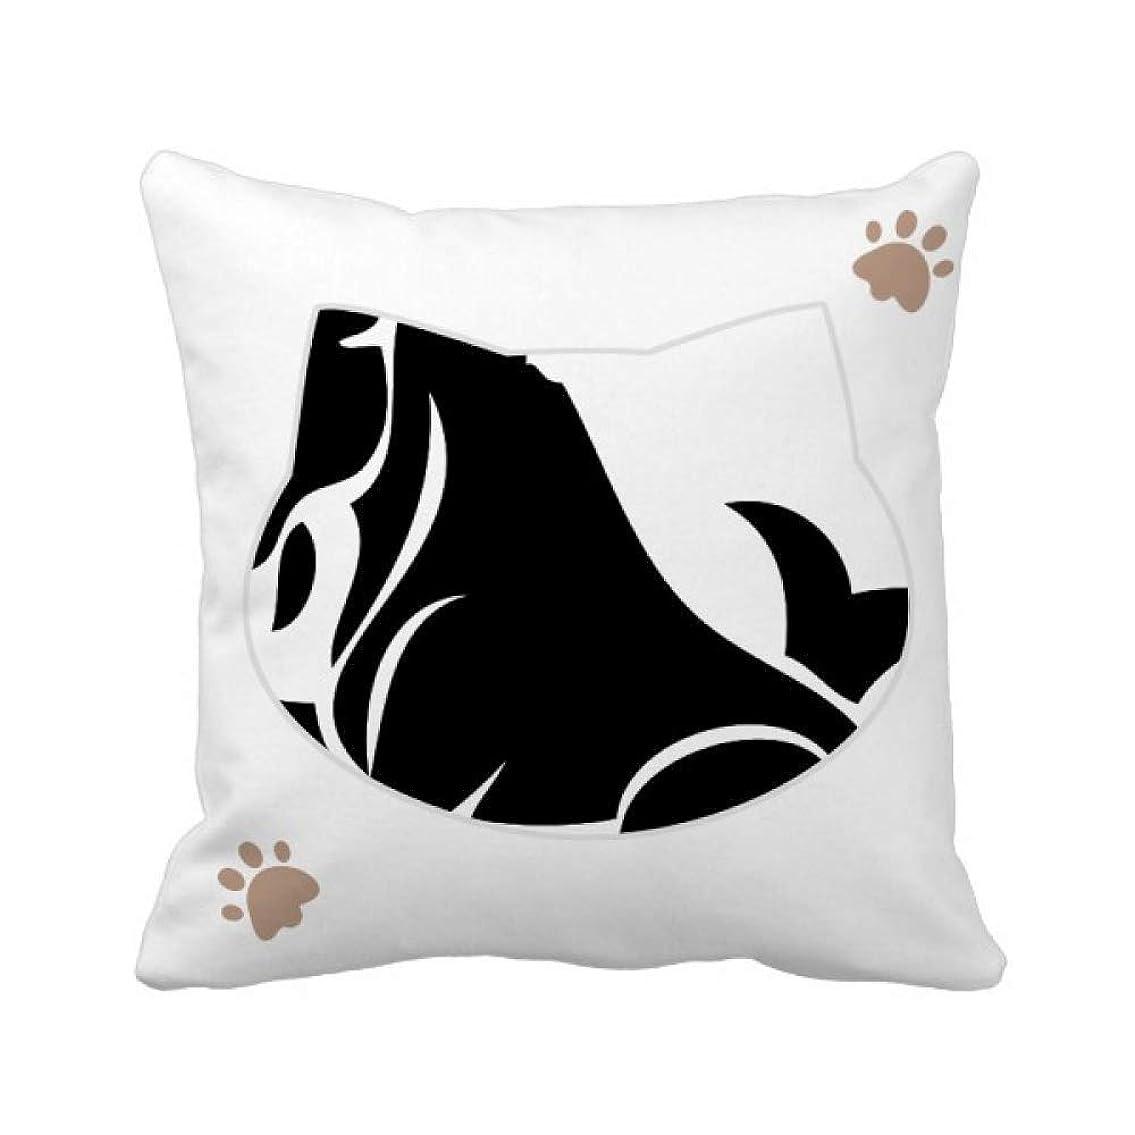 納屋染料緑星座は山羊座十二宮のサイン 枕カバーを放り投げる猫広場 50cm x 50cm